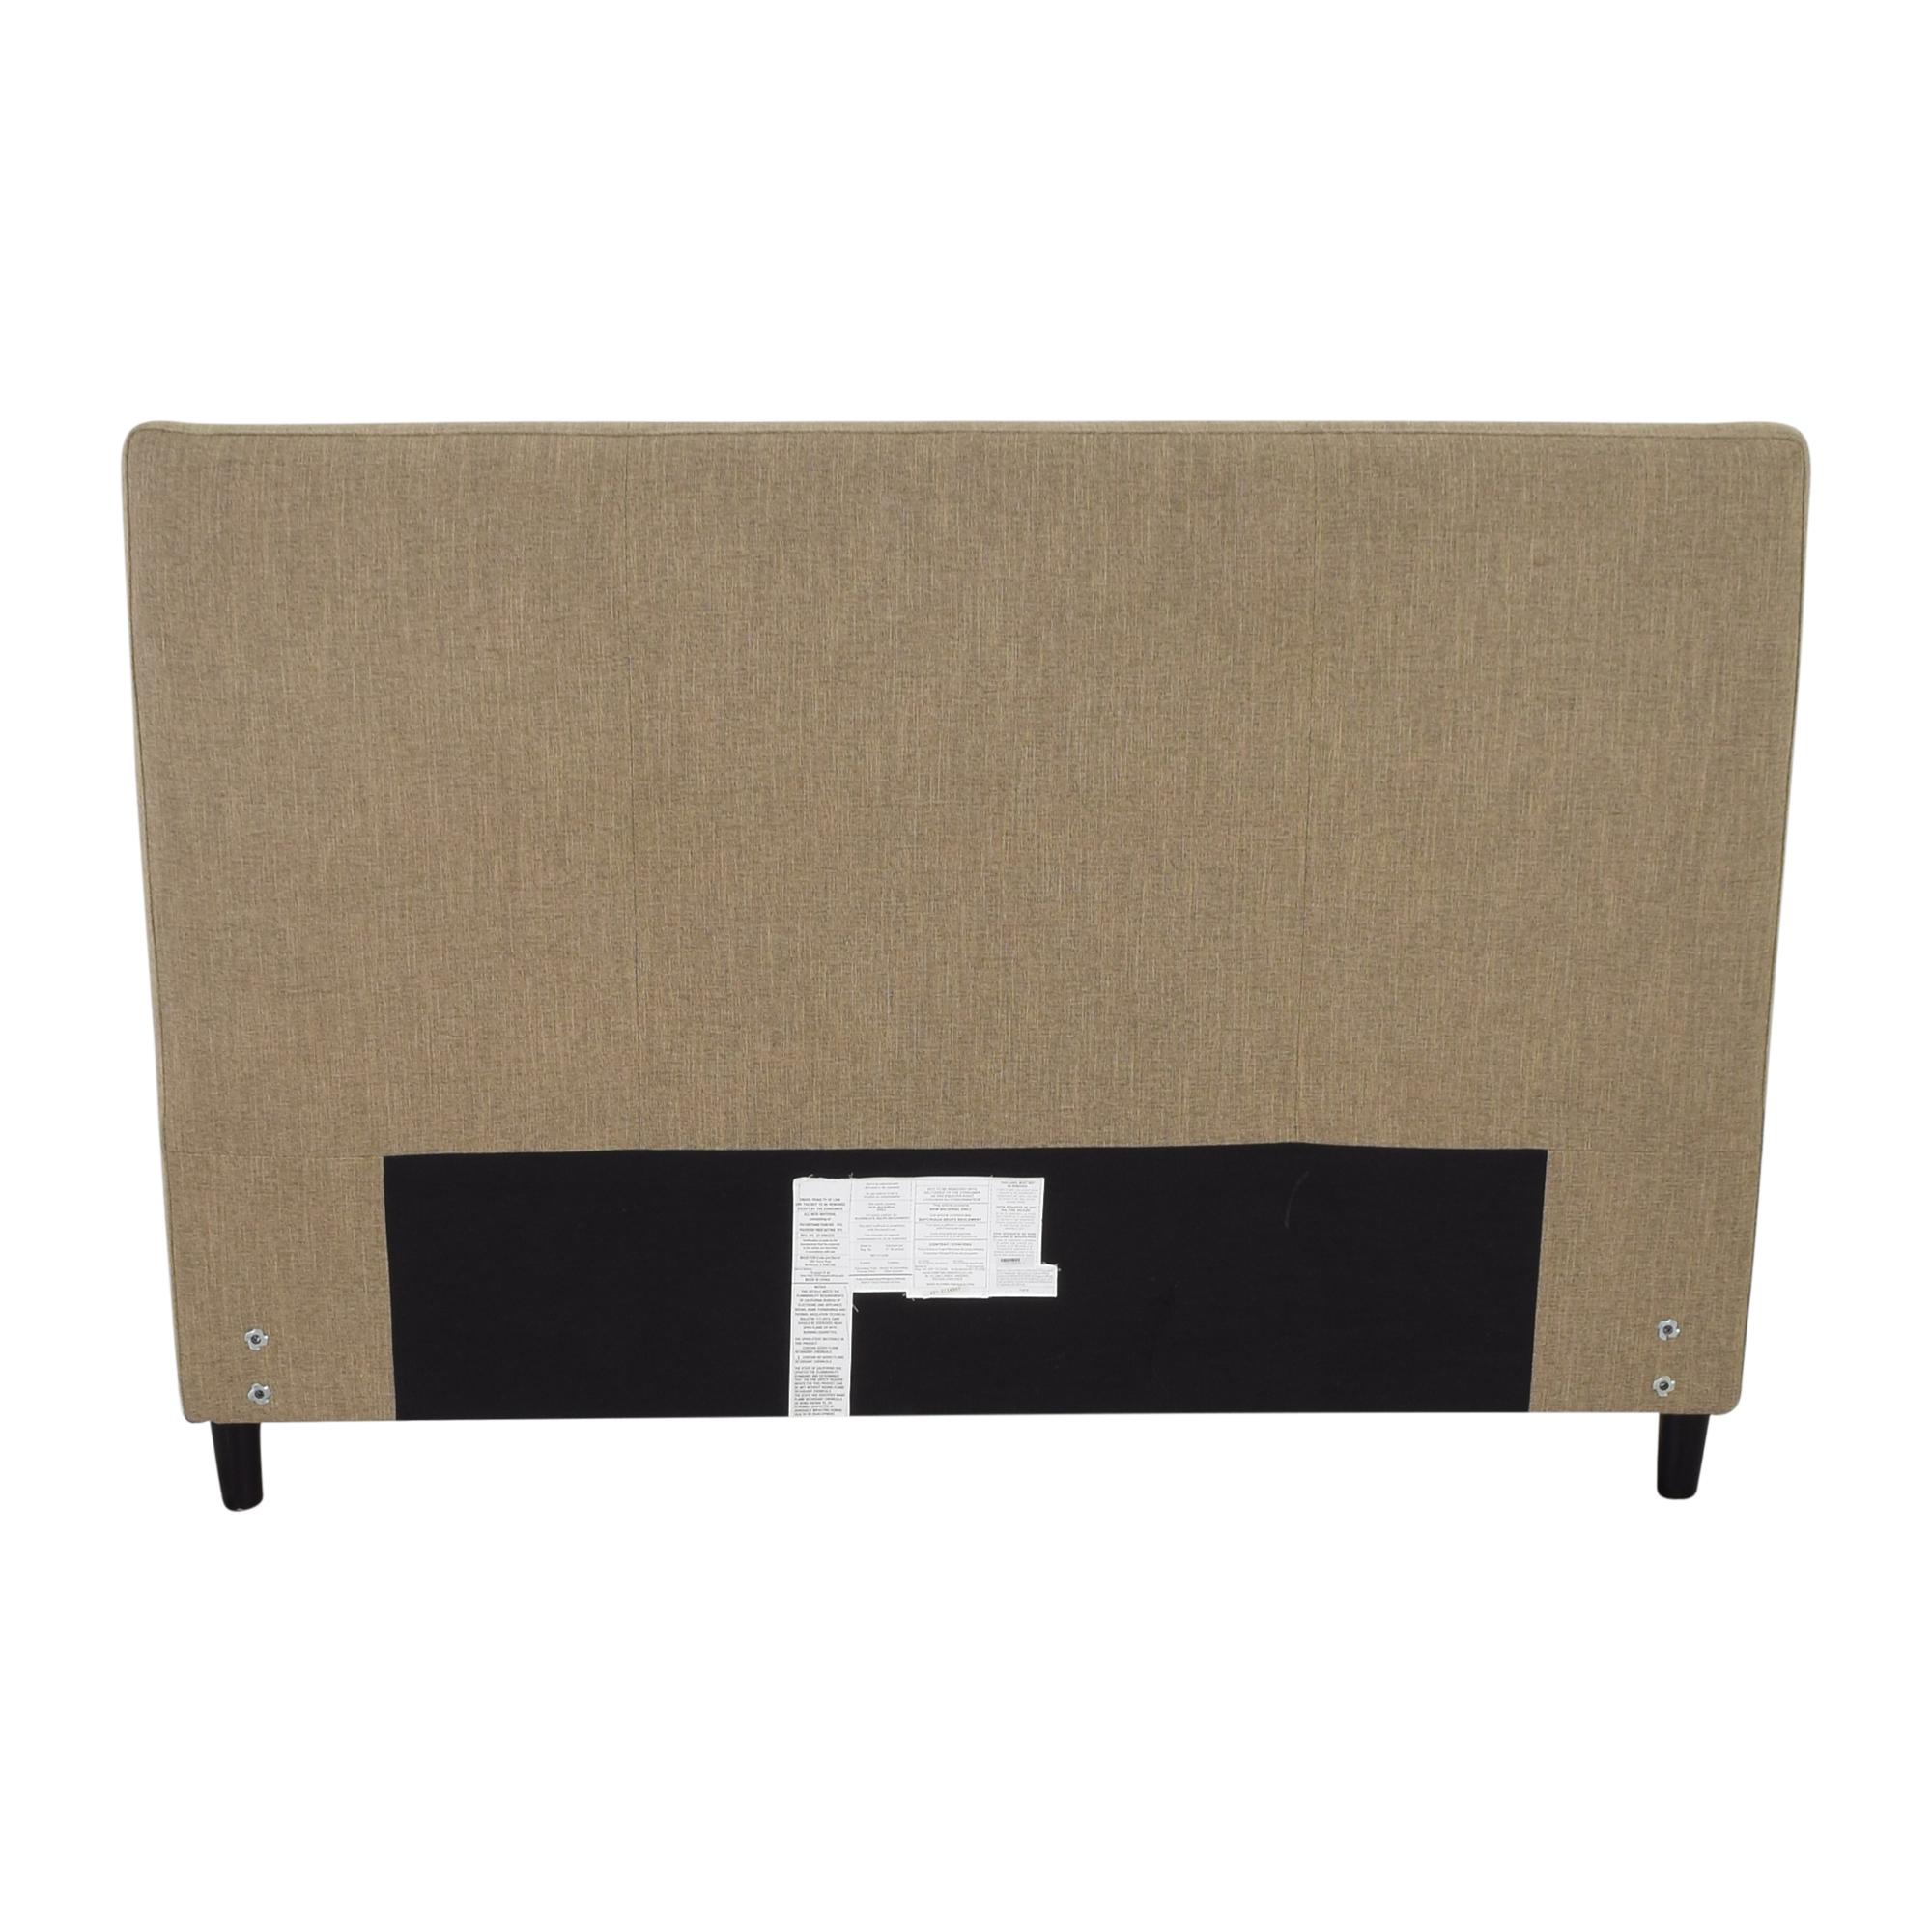 Crate & Barrel Crate & Barrel Lowe Upholstered Queen Headboard pa